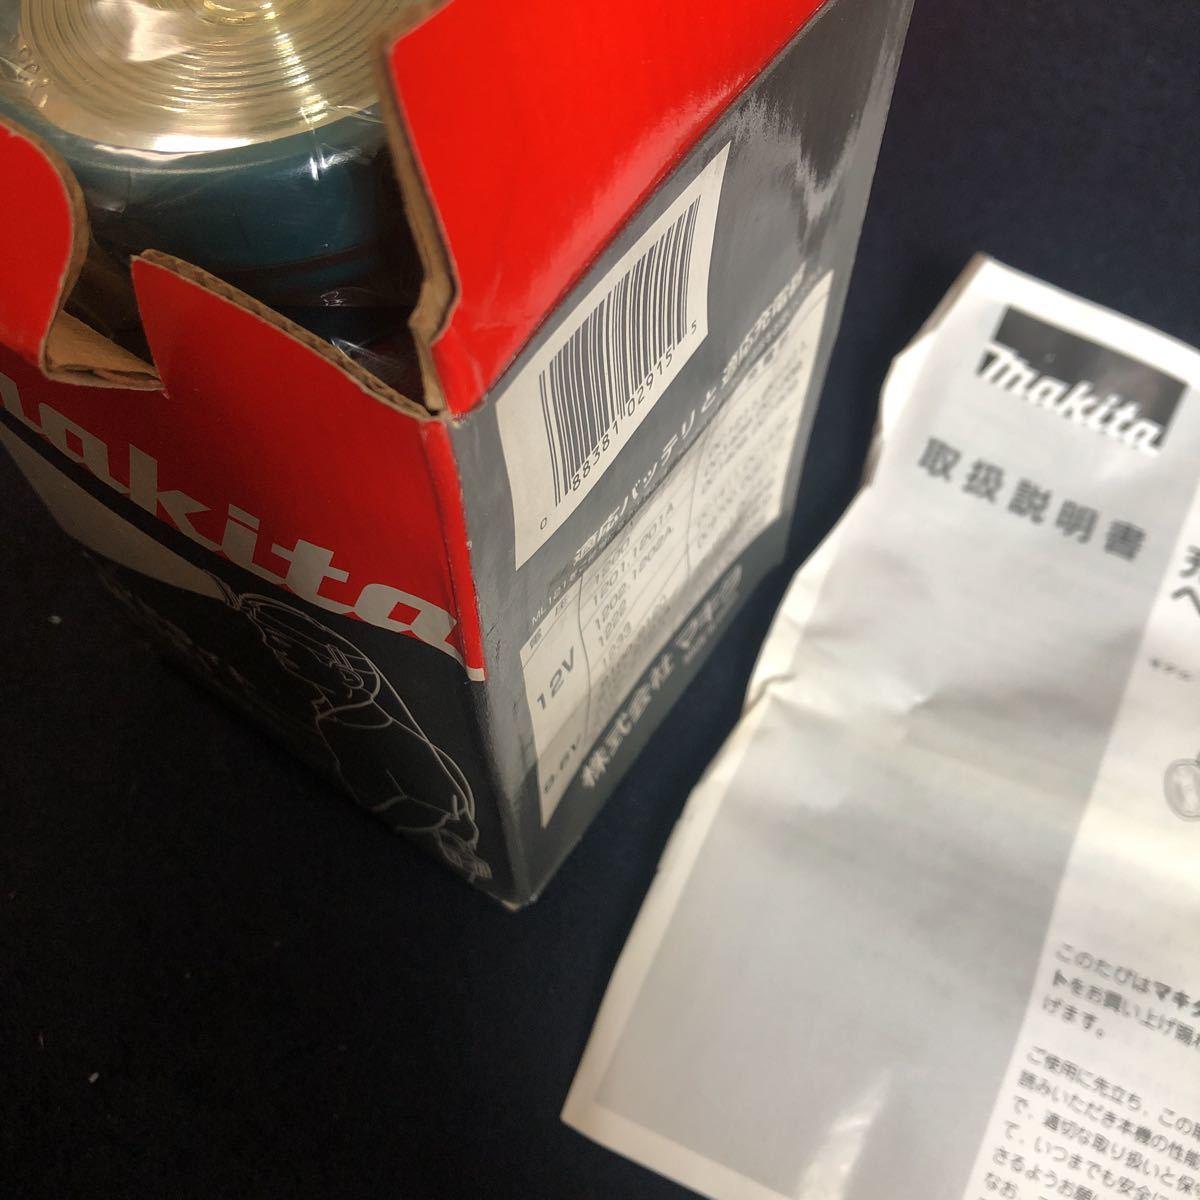 マキタ 充電式ヘッドライト ML121 充電式 9.6V 12V  makita_画像2